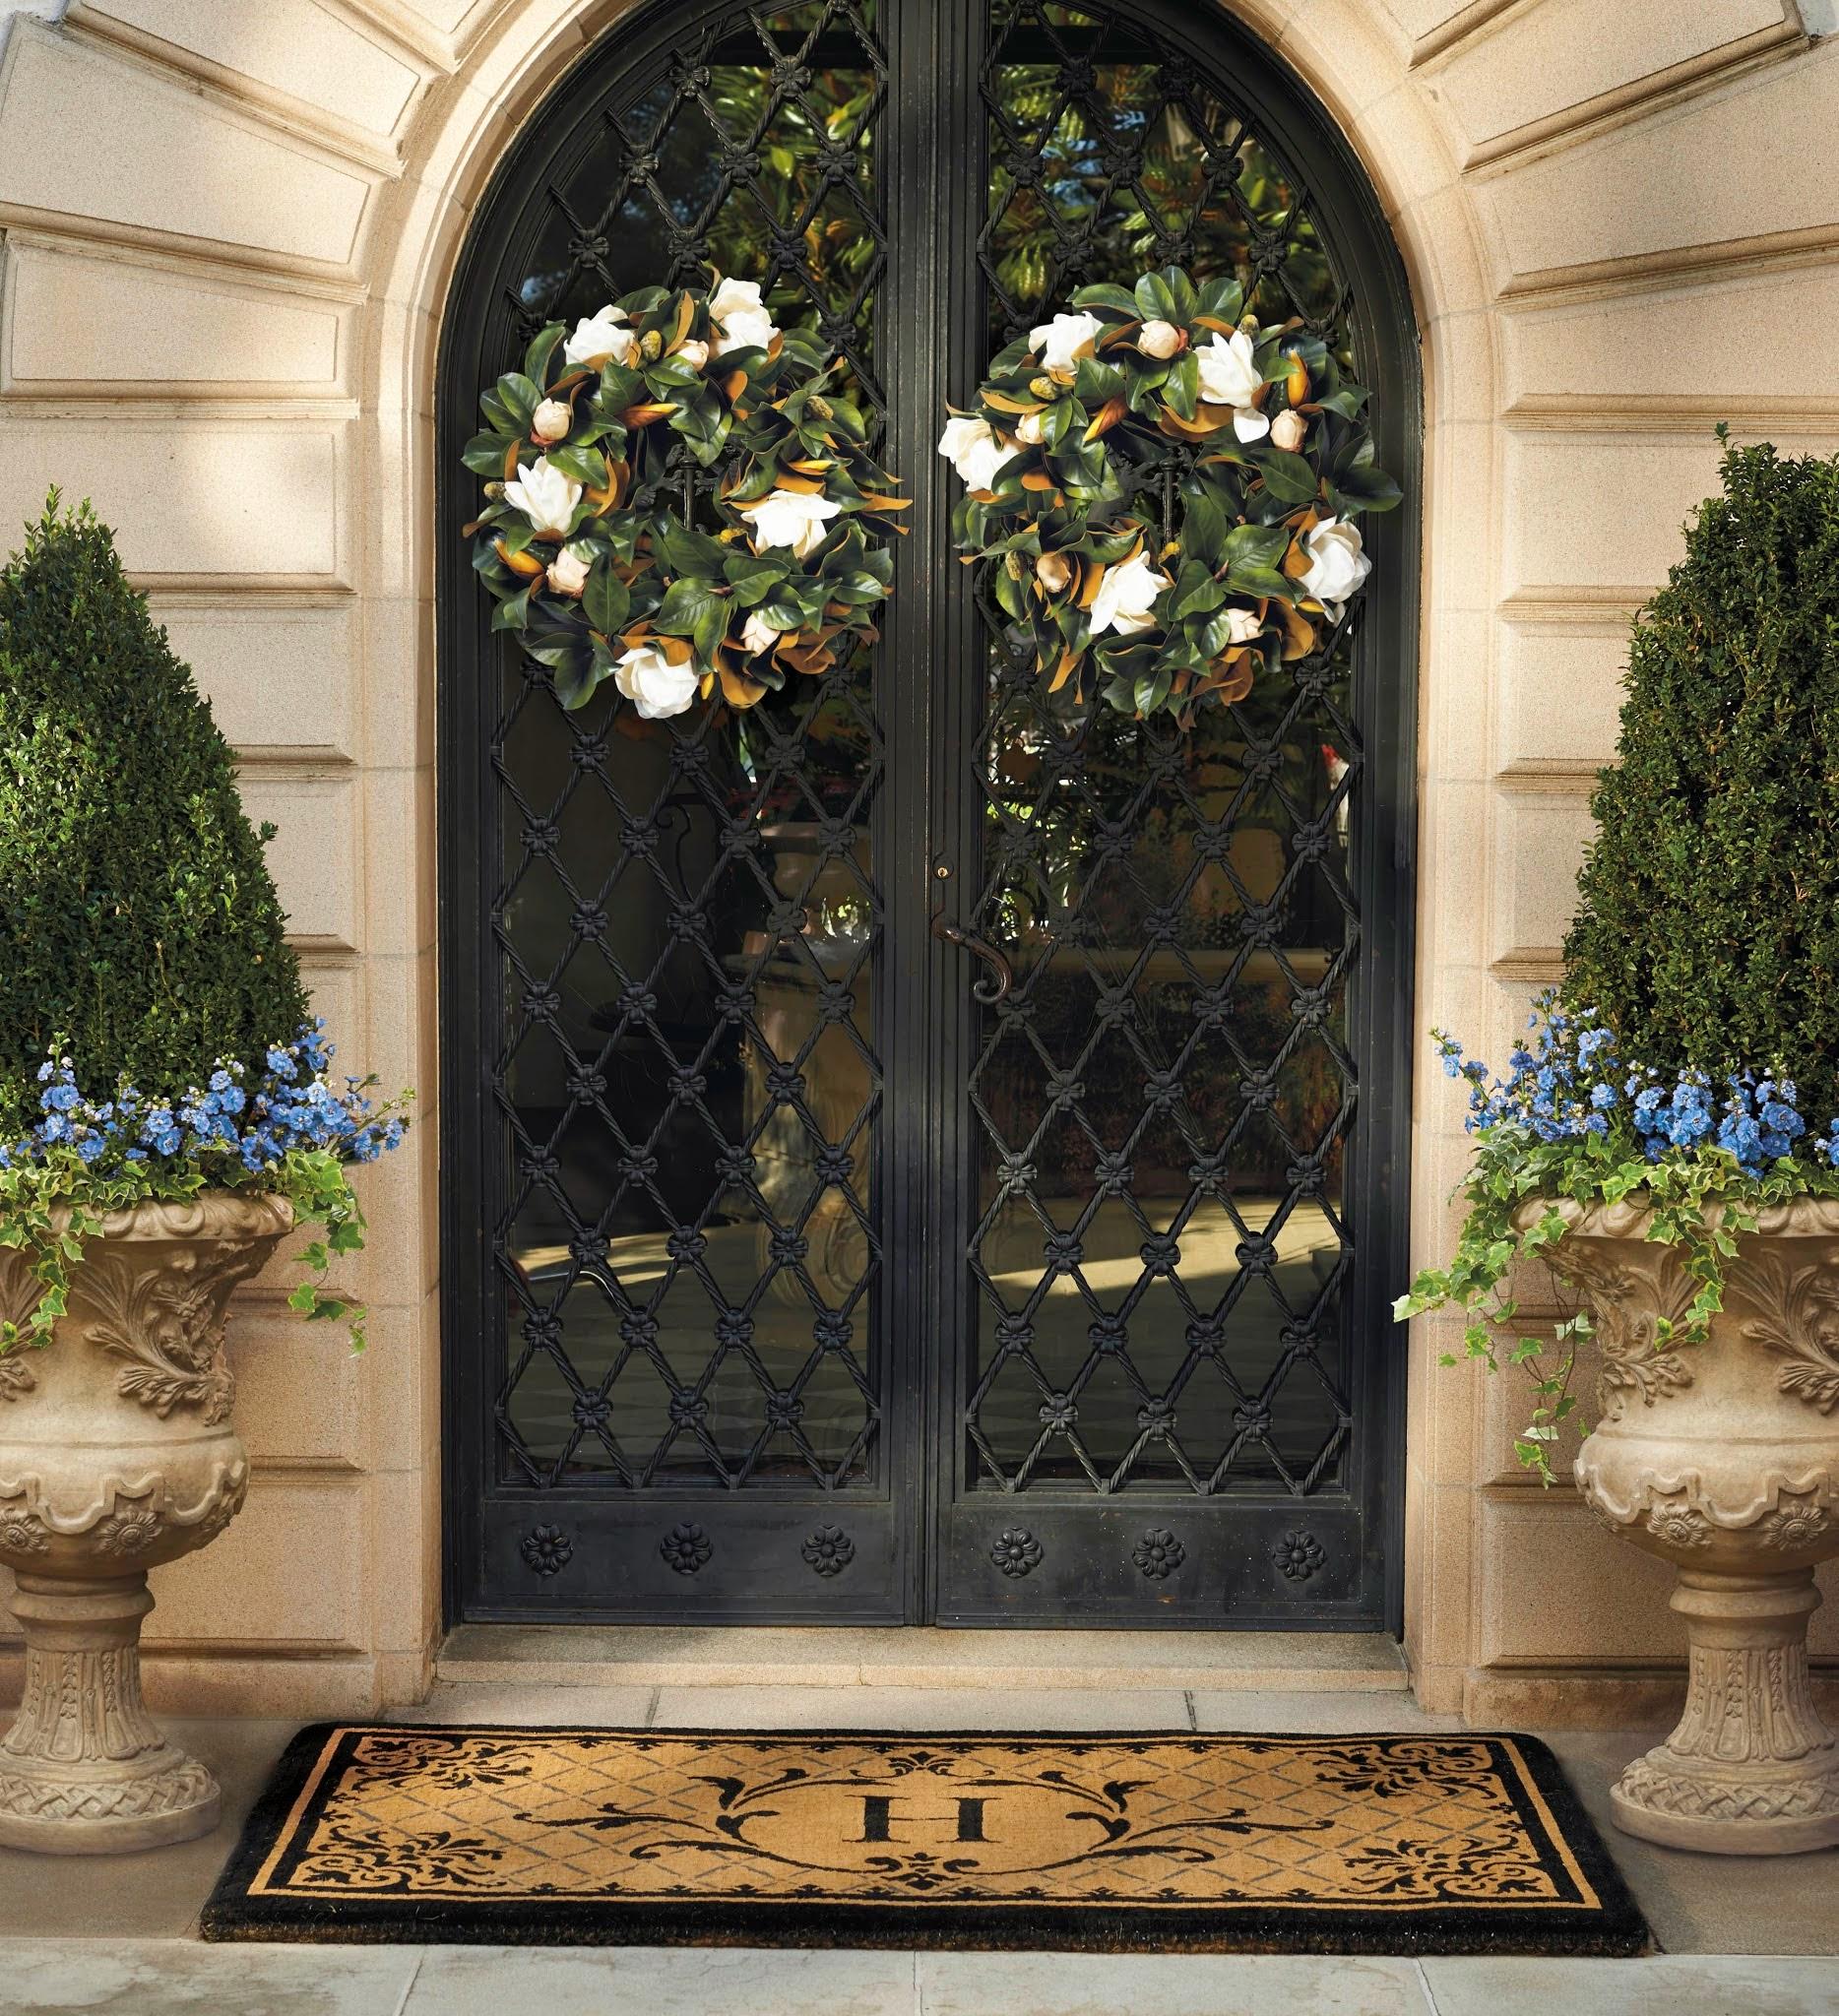 Thanksgiving front door decorations - Thanksgiving Front Door Decorations 21